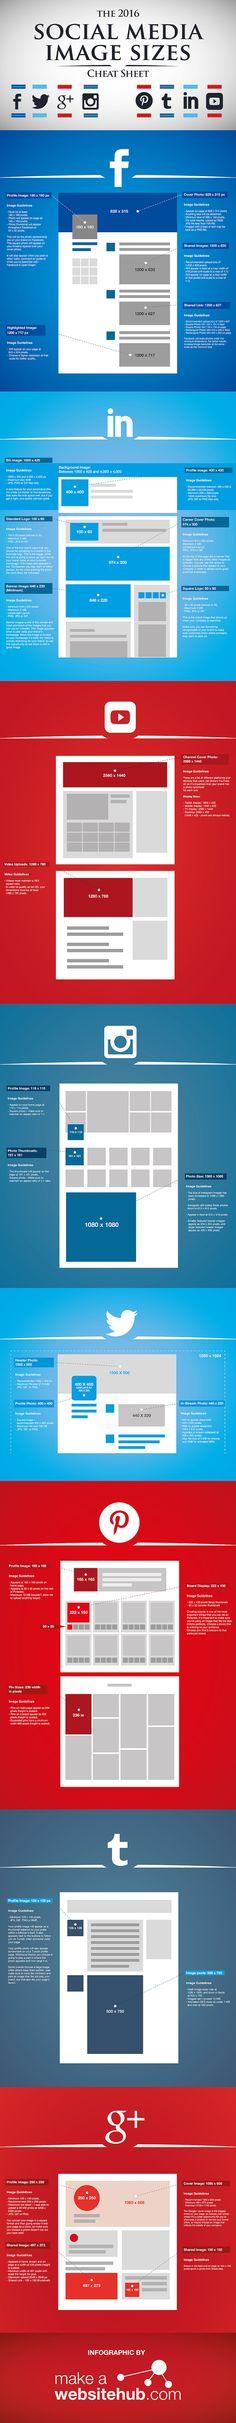 In einer Infografik: Die Bildgrößen von Facebook, Twitter, Google+, Instagram, Youtube und Pinterest 2016 - allfacebook.de